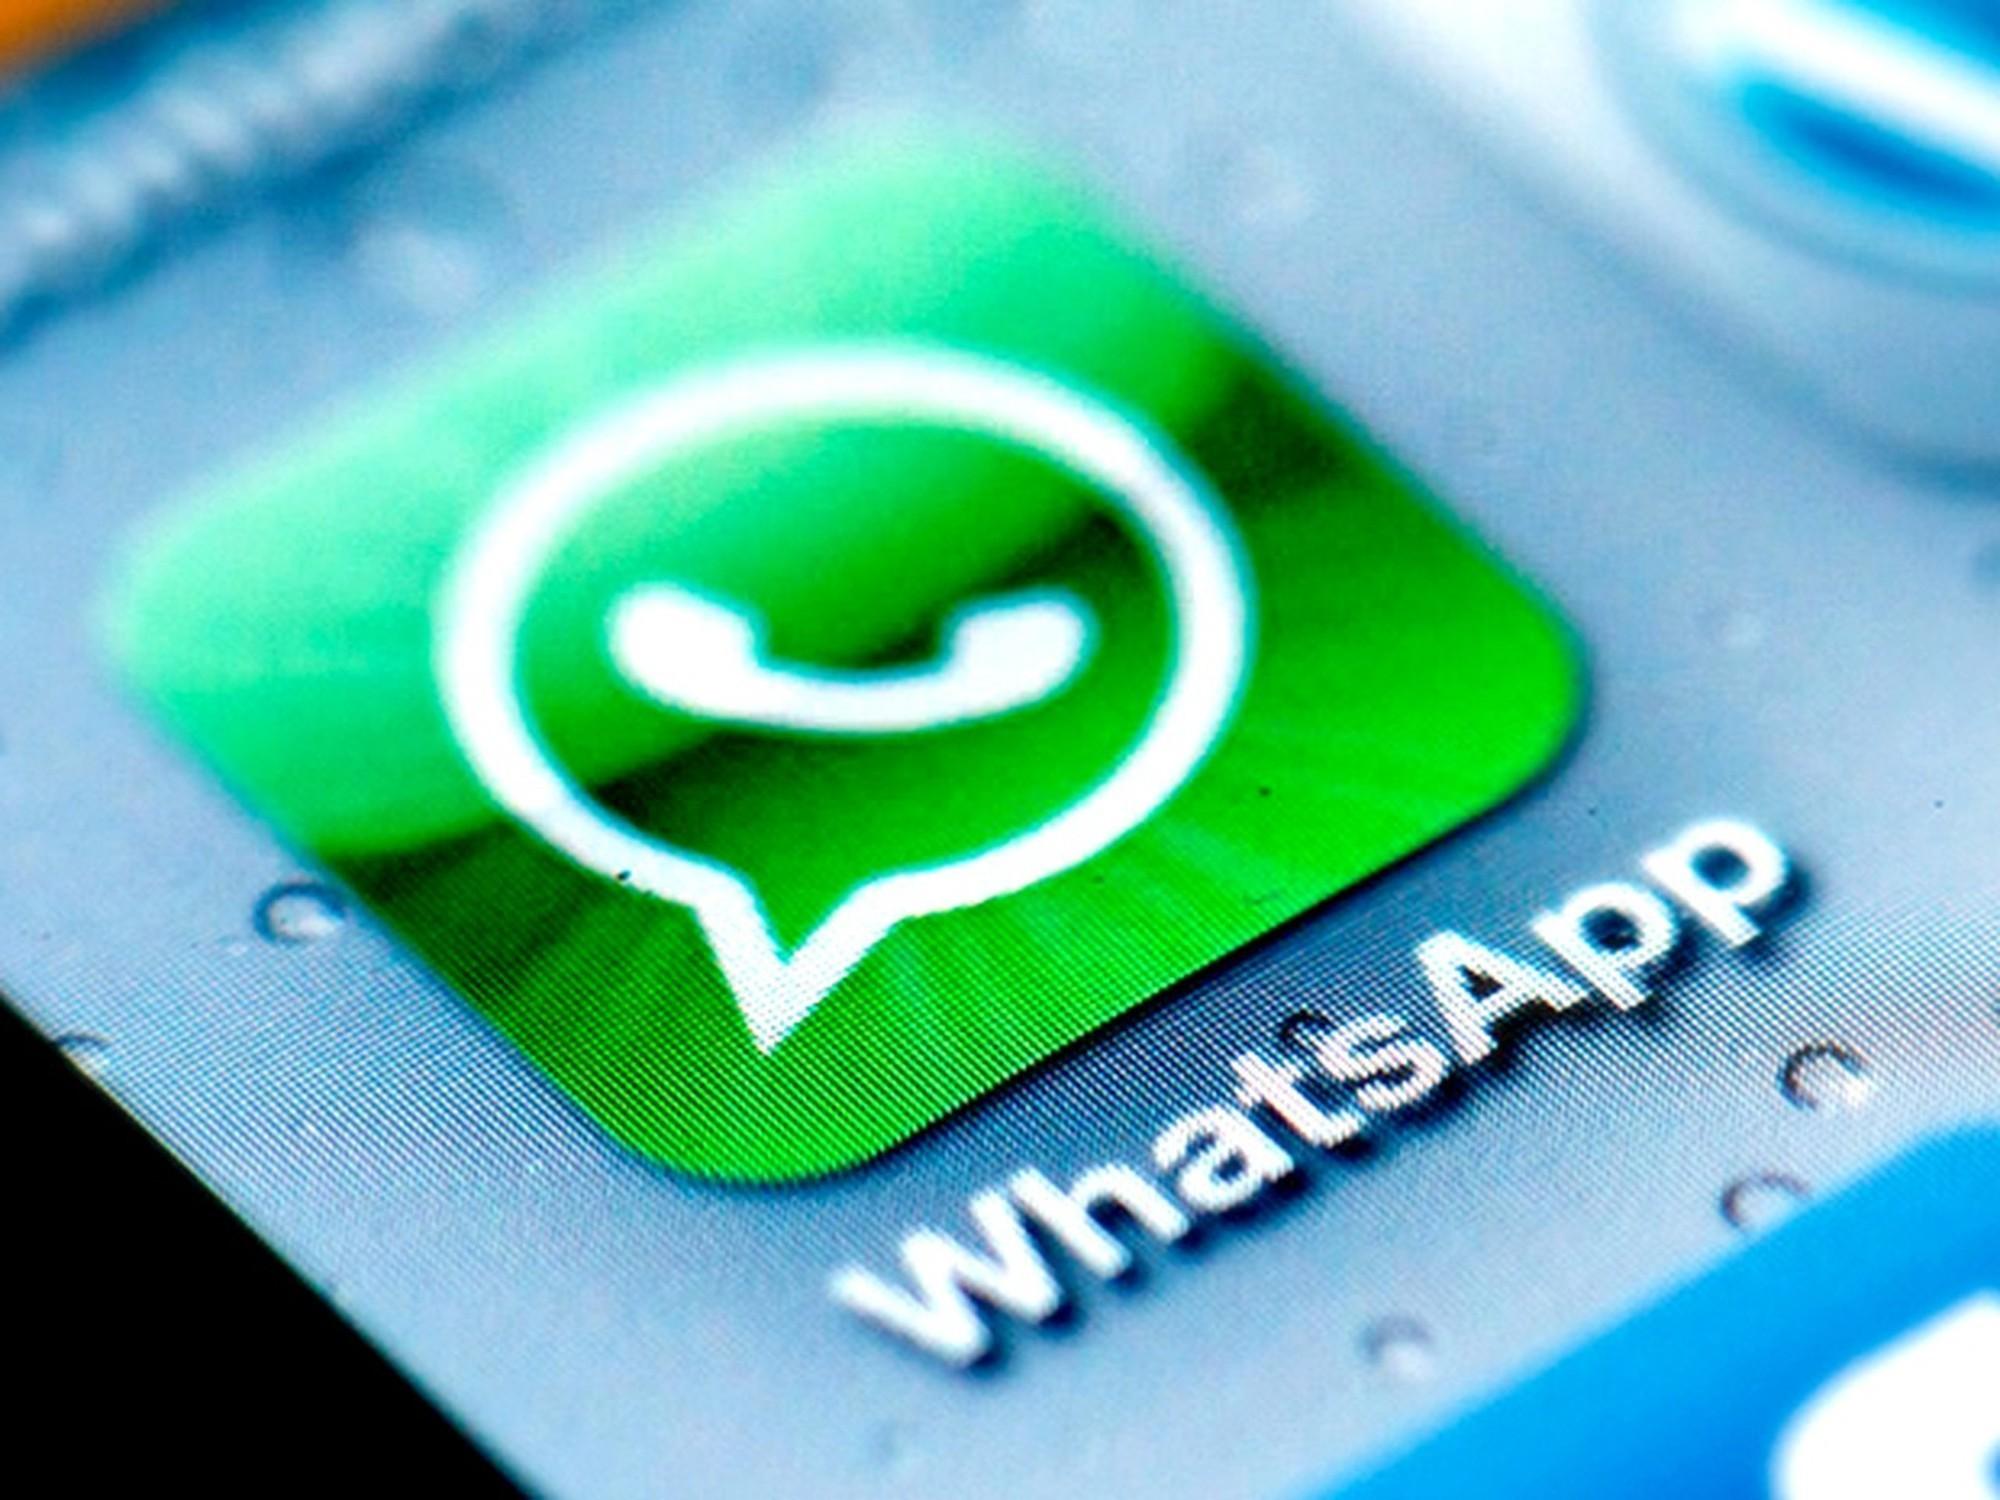 E-mail de recuperação do WhatsApp: saiba como evitar golpe que rouba conta mesmo com a verificação em duas etapas